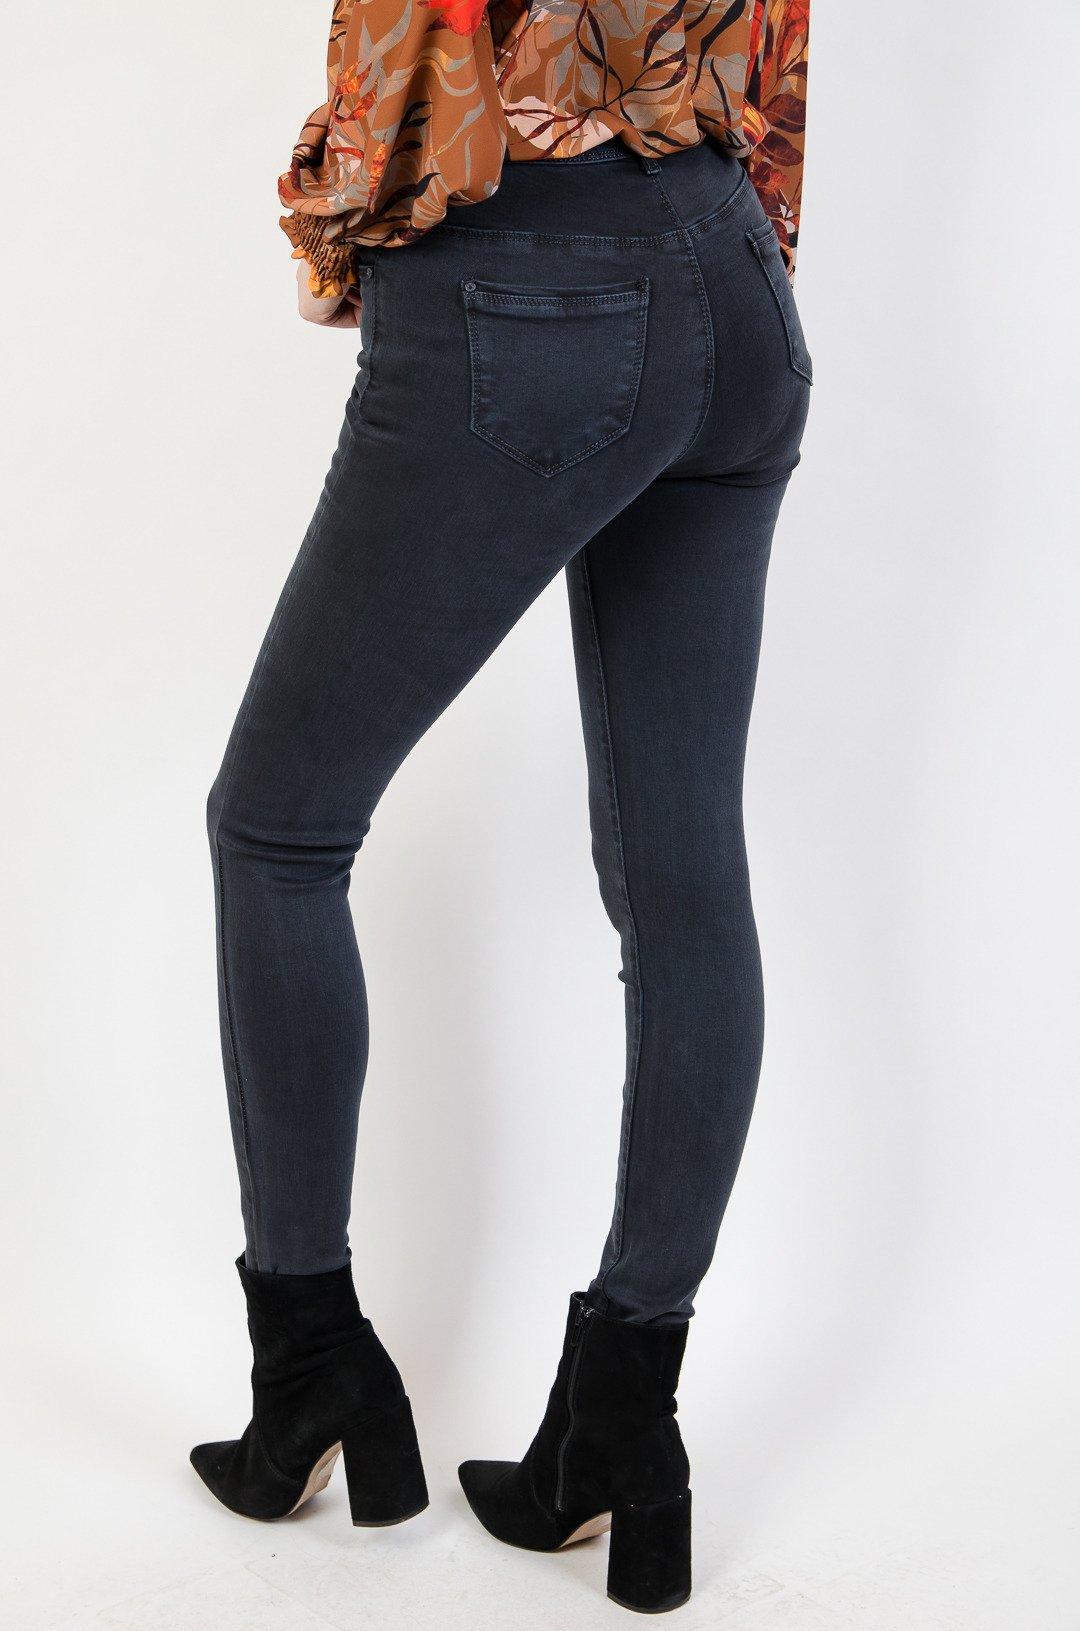 a99a16c26b0c1e Grafitowe spodnie jeansowe super skinny grafitowy | NOWOŚCI KOLEKCJA ...